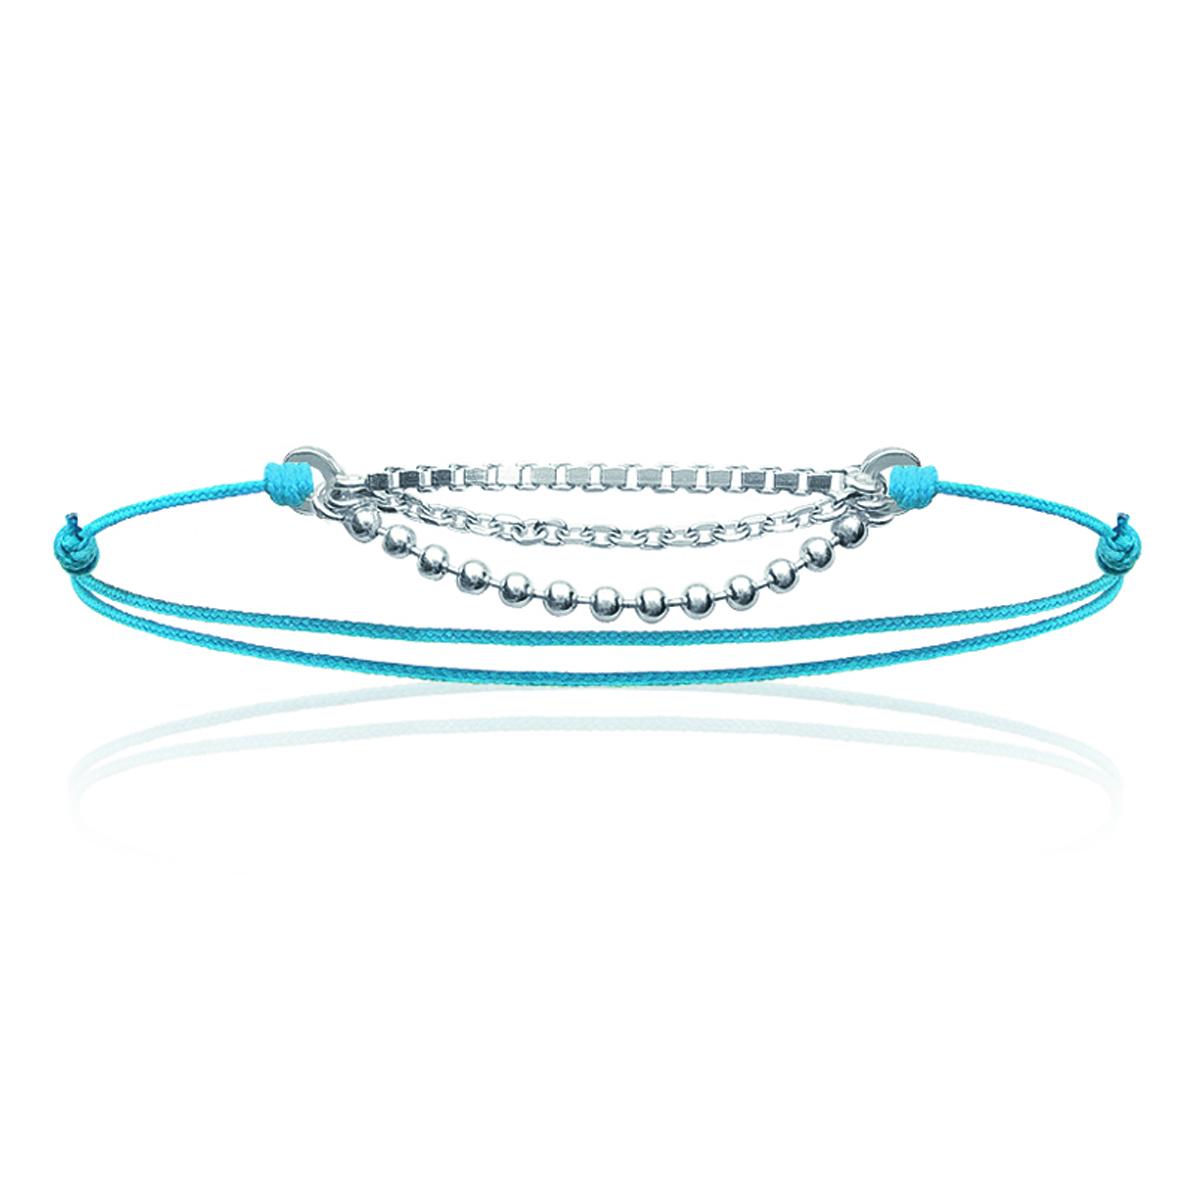 Bracelet Argent \'Billes\' turquoise argenté - 3 rangs - [J0812]